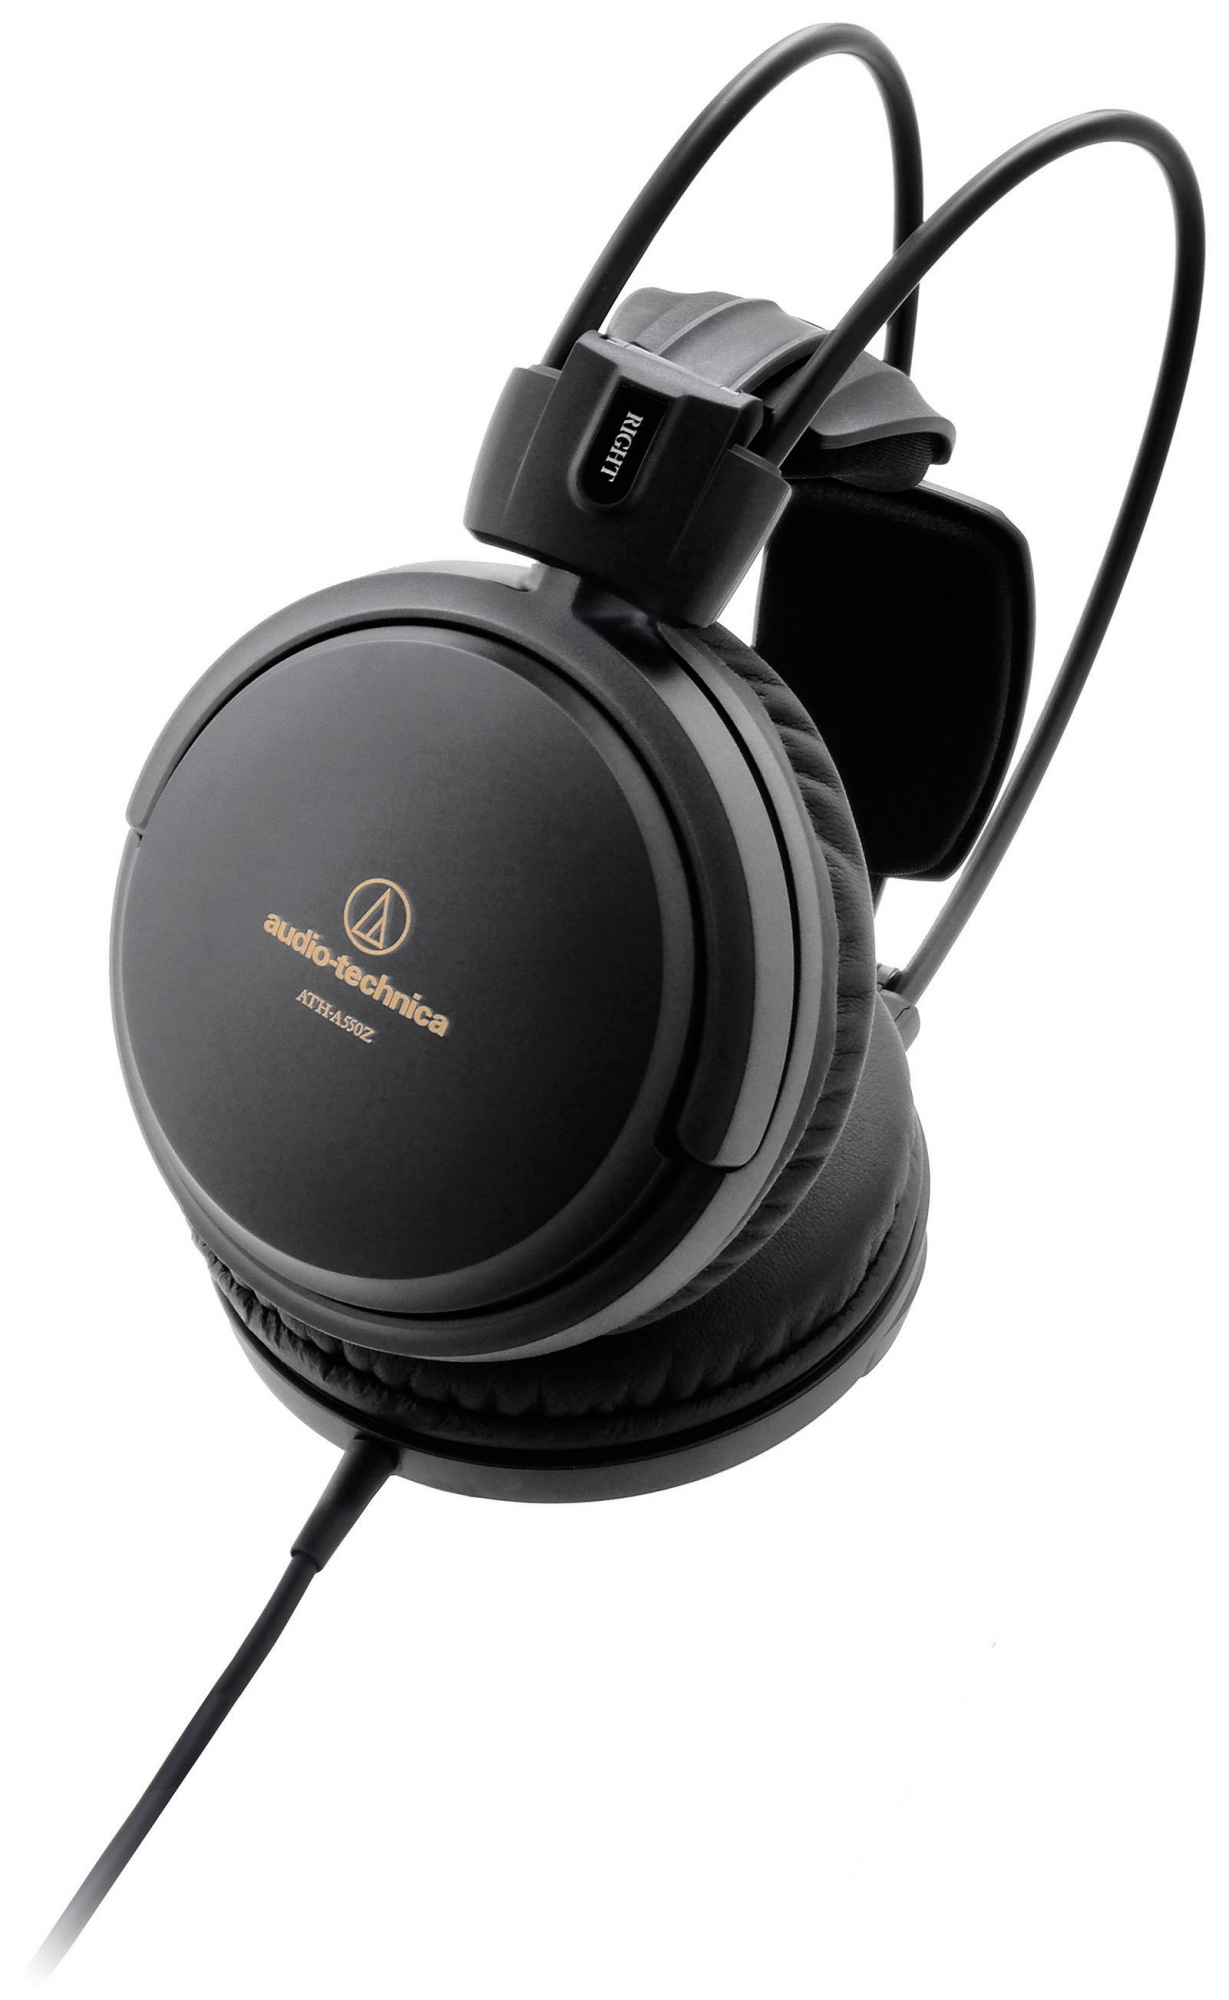 Audio-Technica ATH-A550Z - полноразмерные наушники (Matte black)